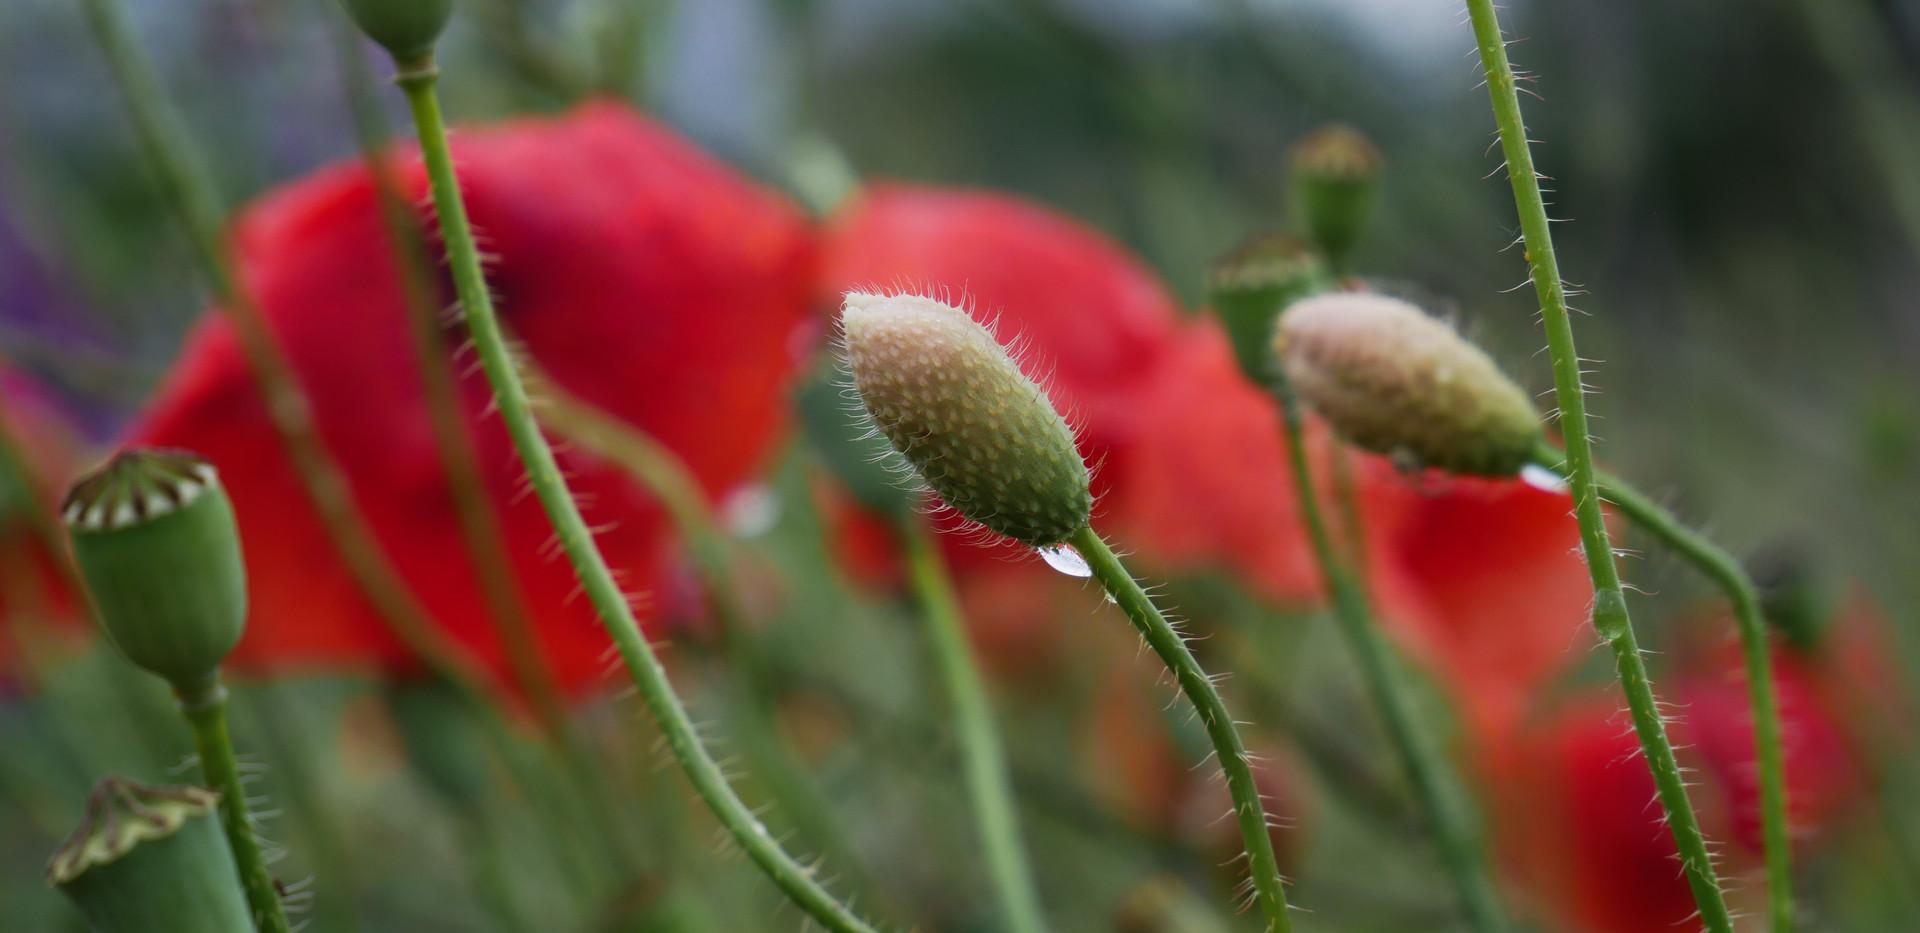 Poppy flowers in the rain